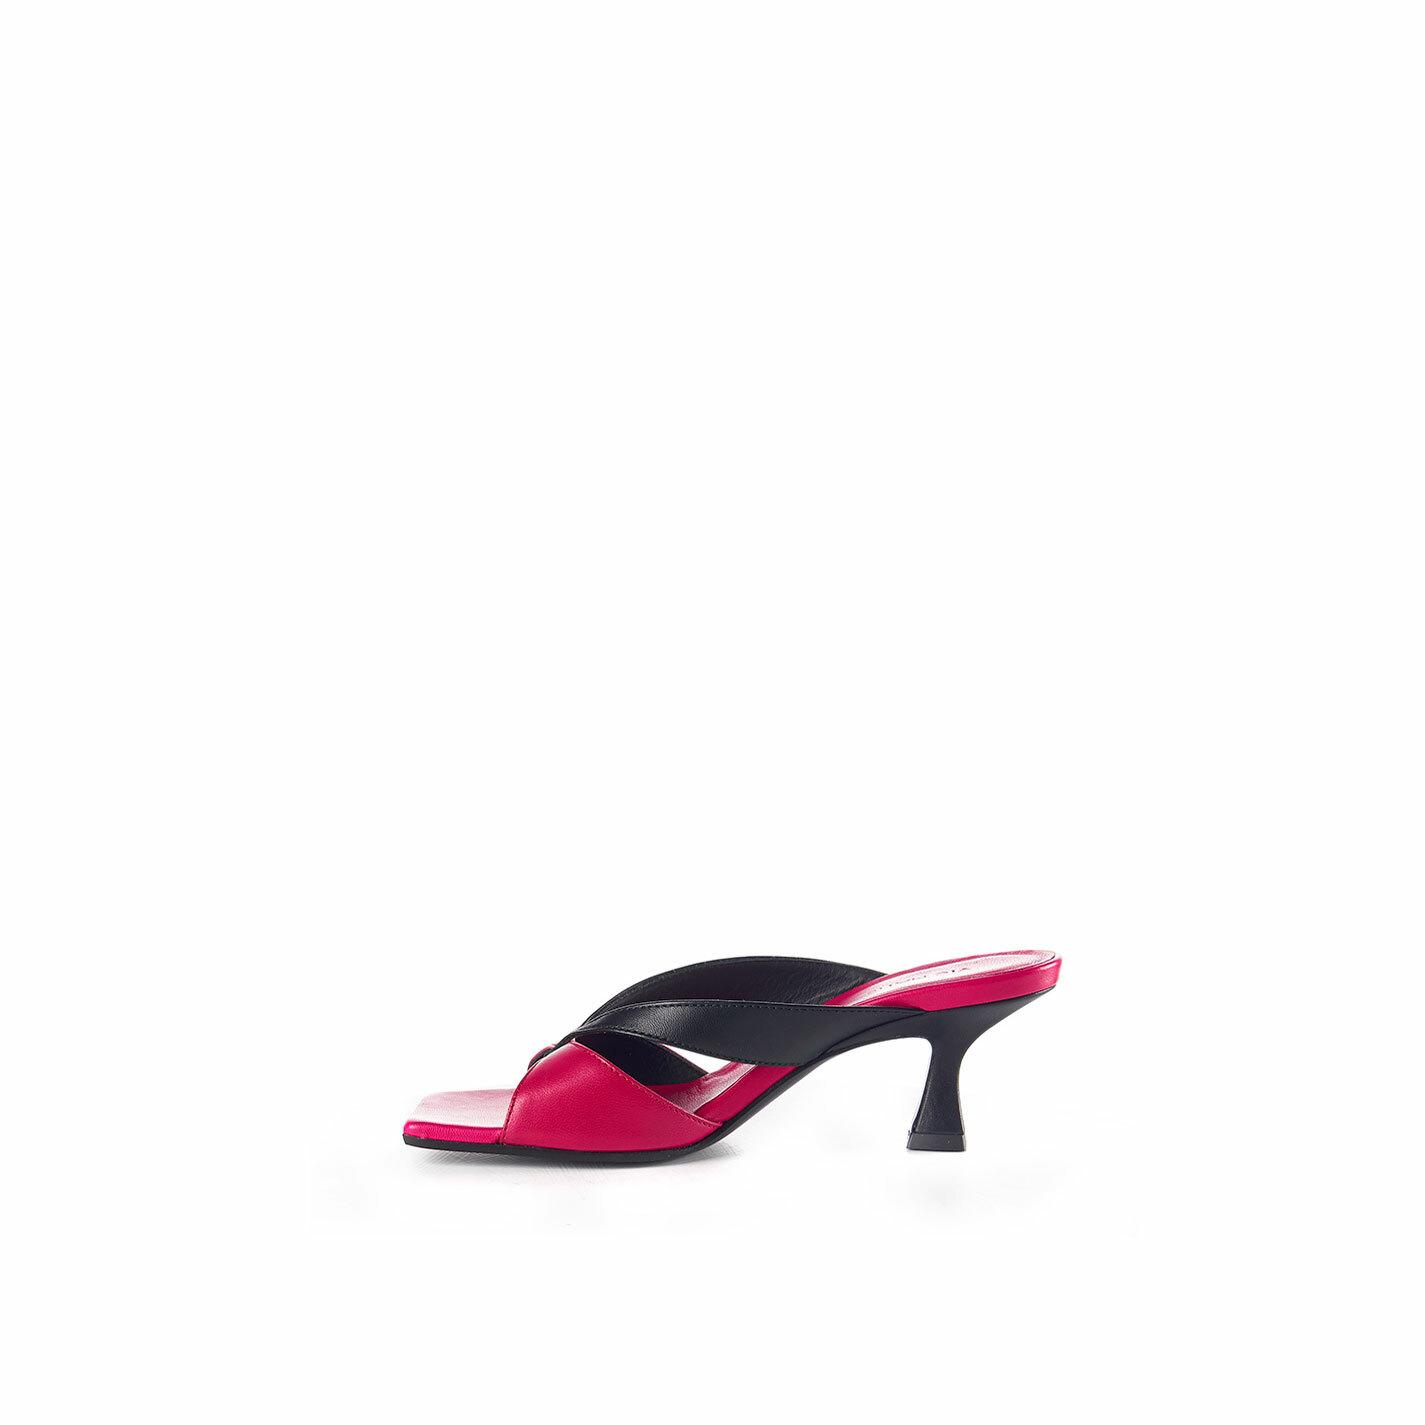 Sandalo rocchetto infradito magenta e nero